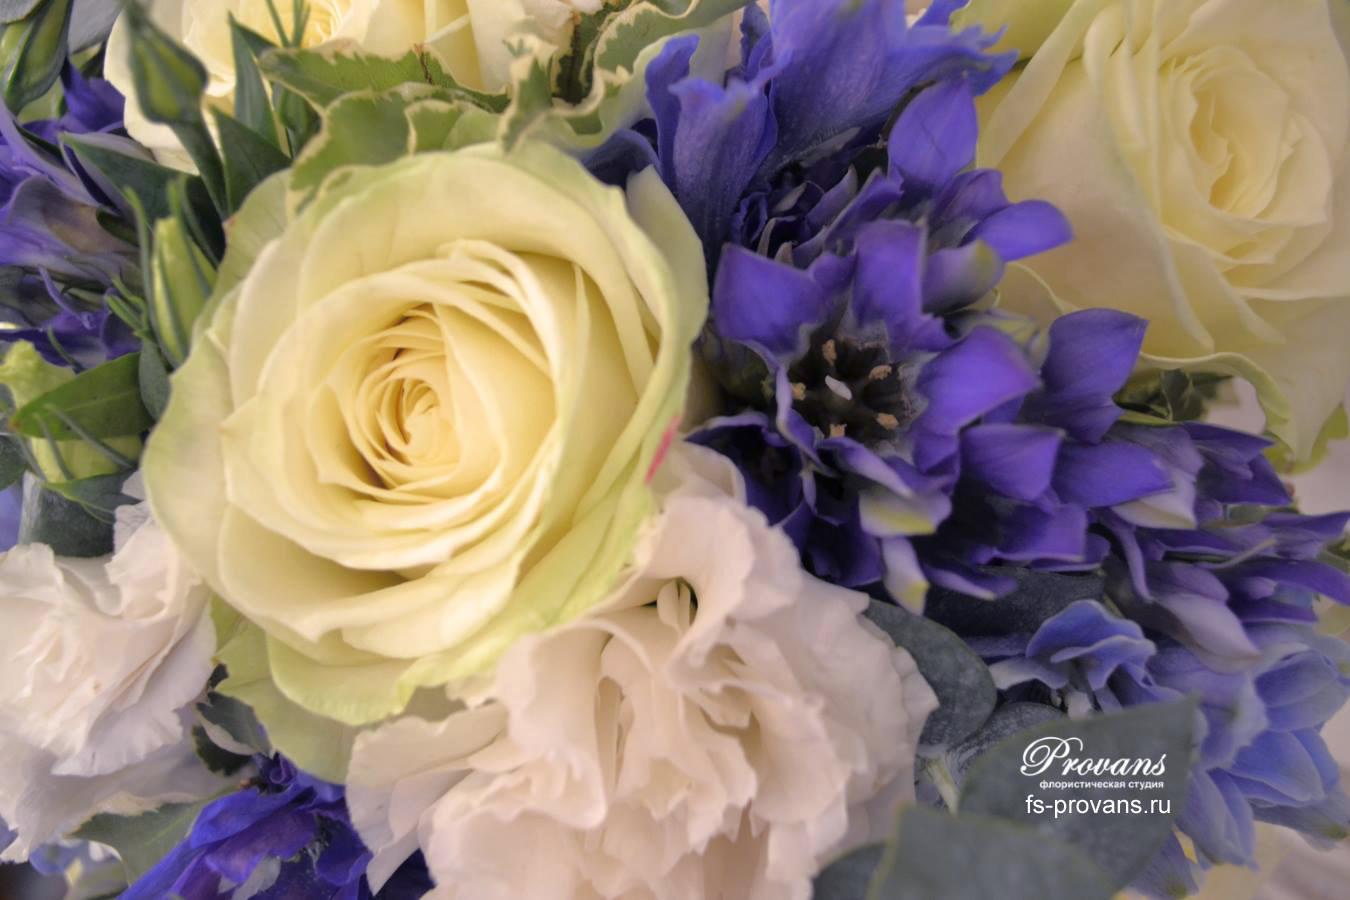 Свадебный бело-синий букет. Розы, эустома, дельфиниум